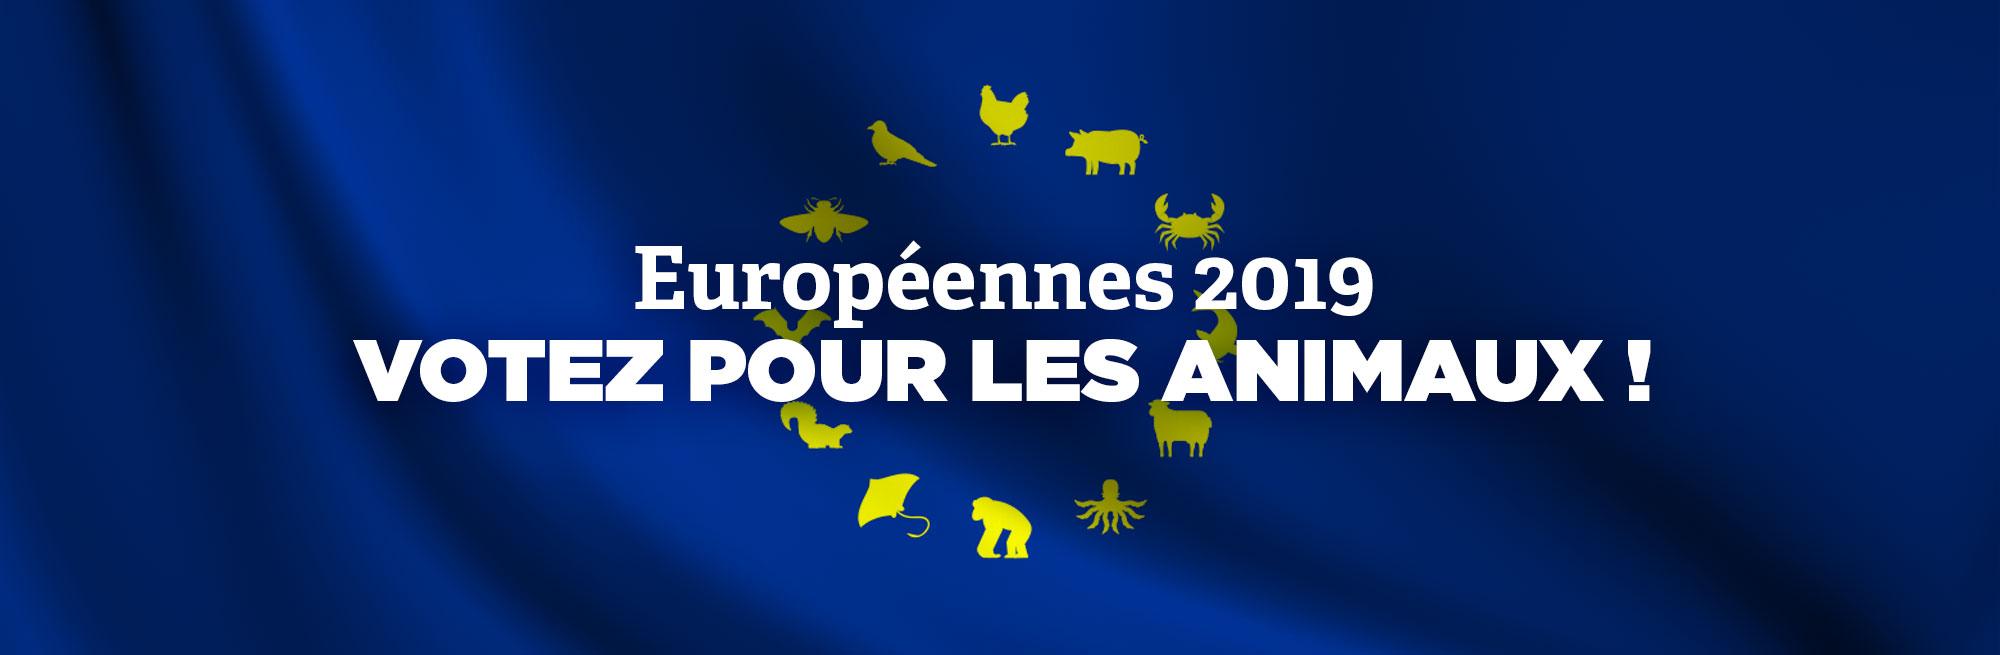 Européennes 2019: votez pour les animaux!